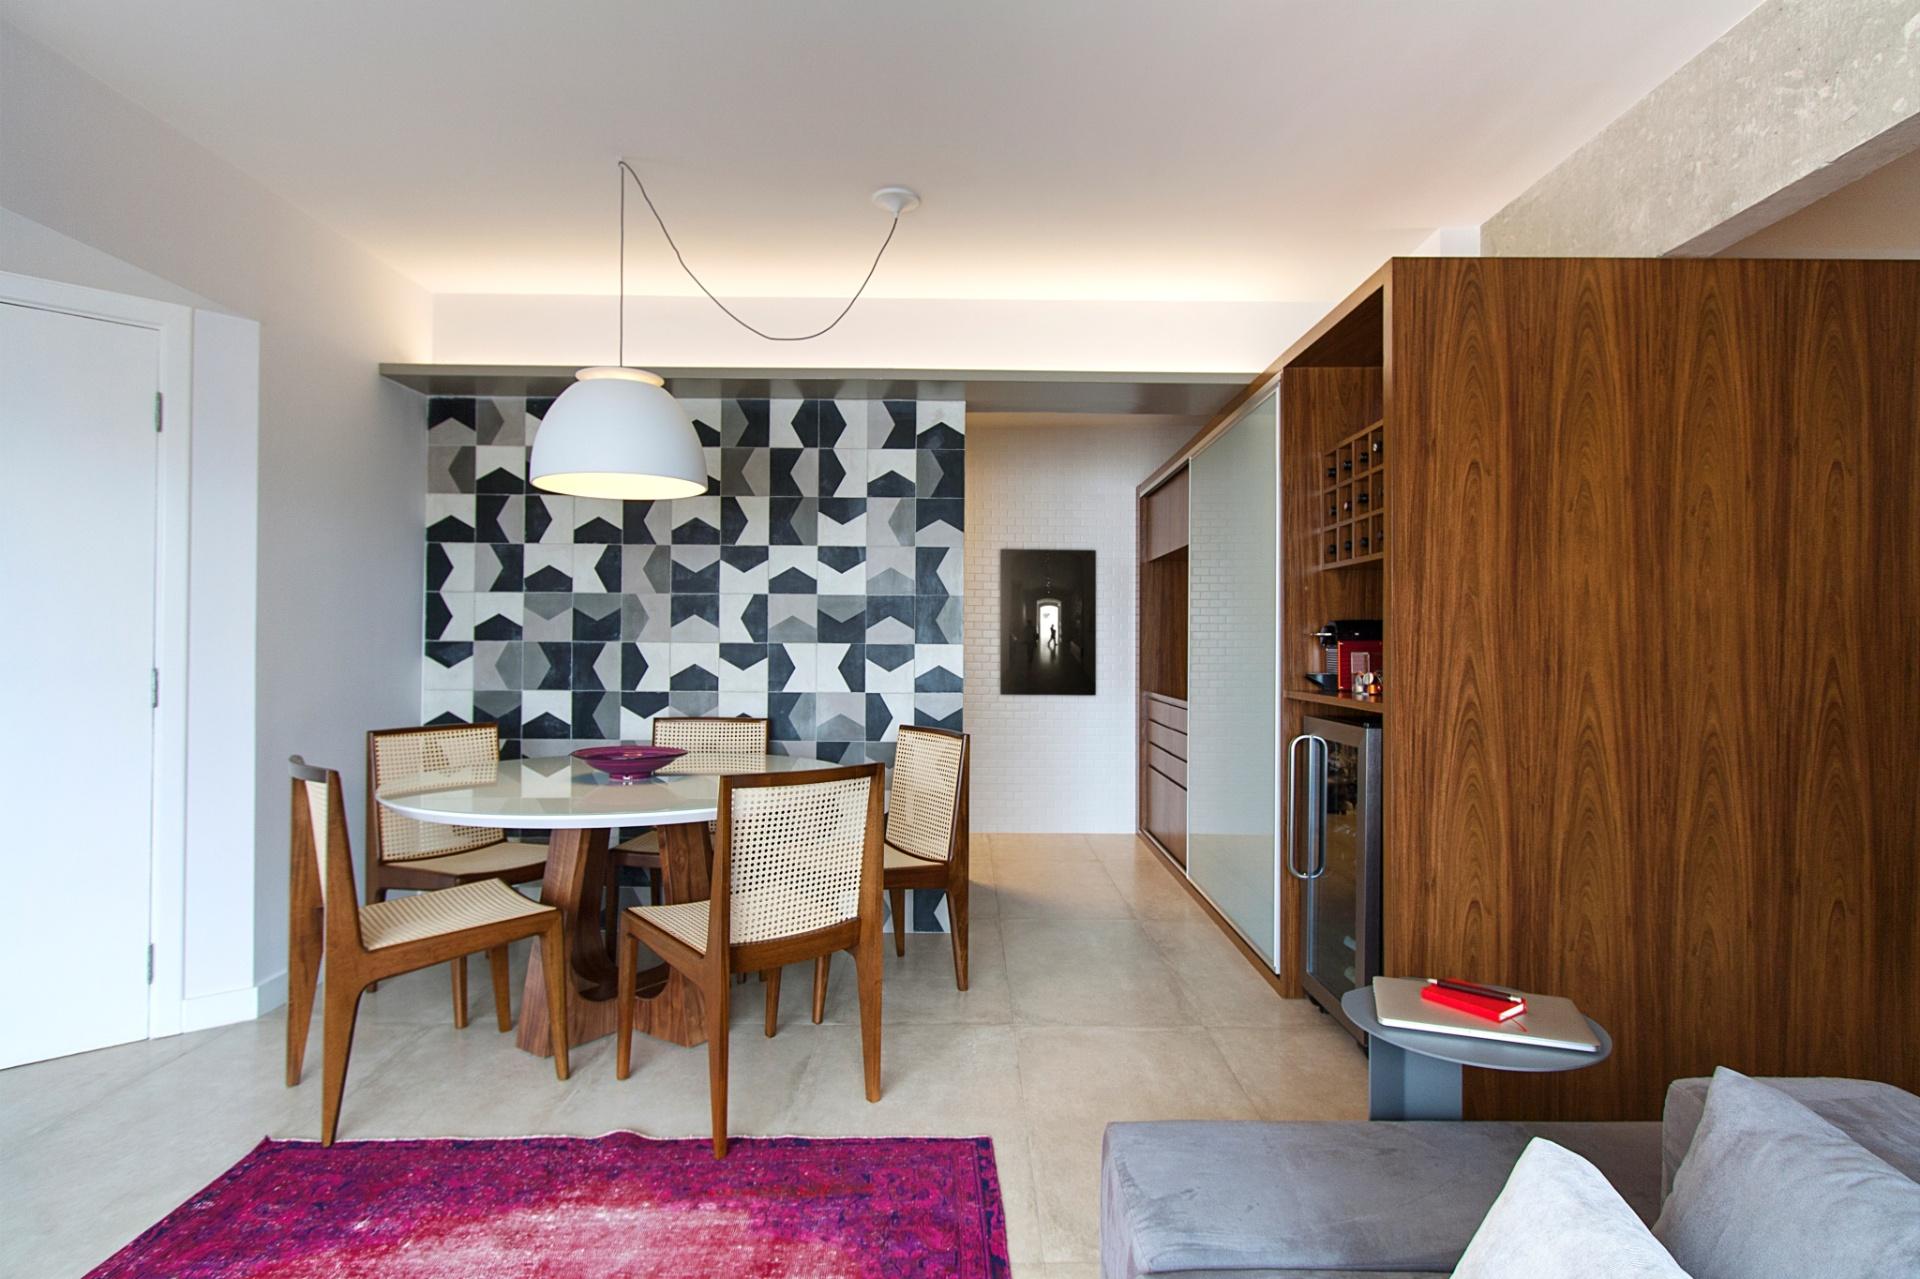 O projeto do Hiperstudio para o apê Raul Pompéia tem a marcenaria (Eco Wood) como peça-âncora da arquitetura de interiores. Ela viabiliza as funções